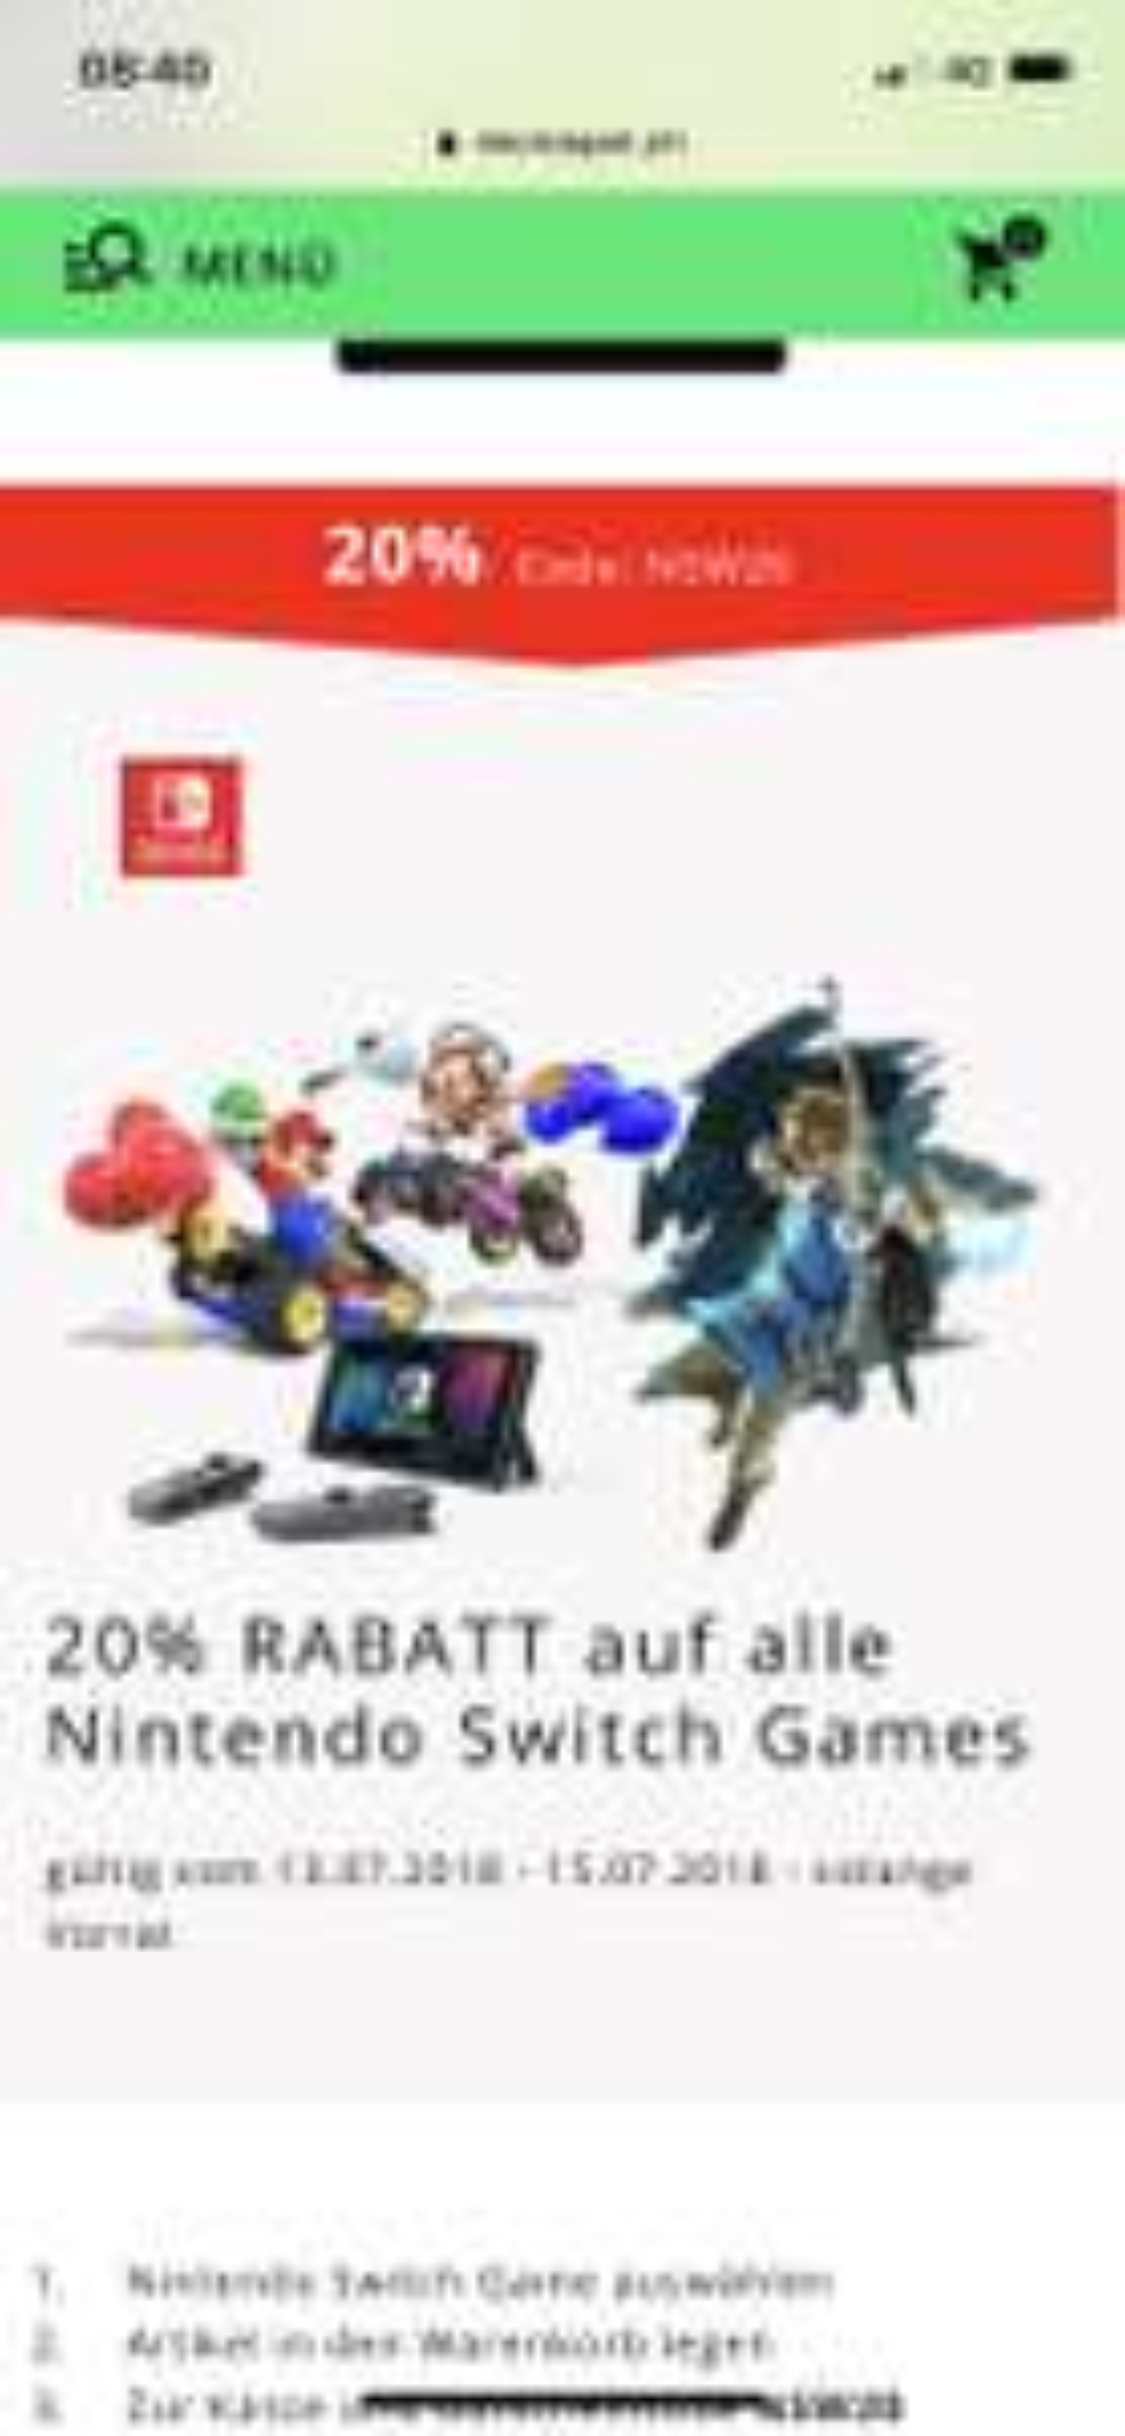 [SCHWEIZ] 20% auf alle Nintendo Switch Games